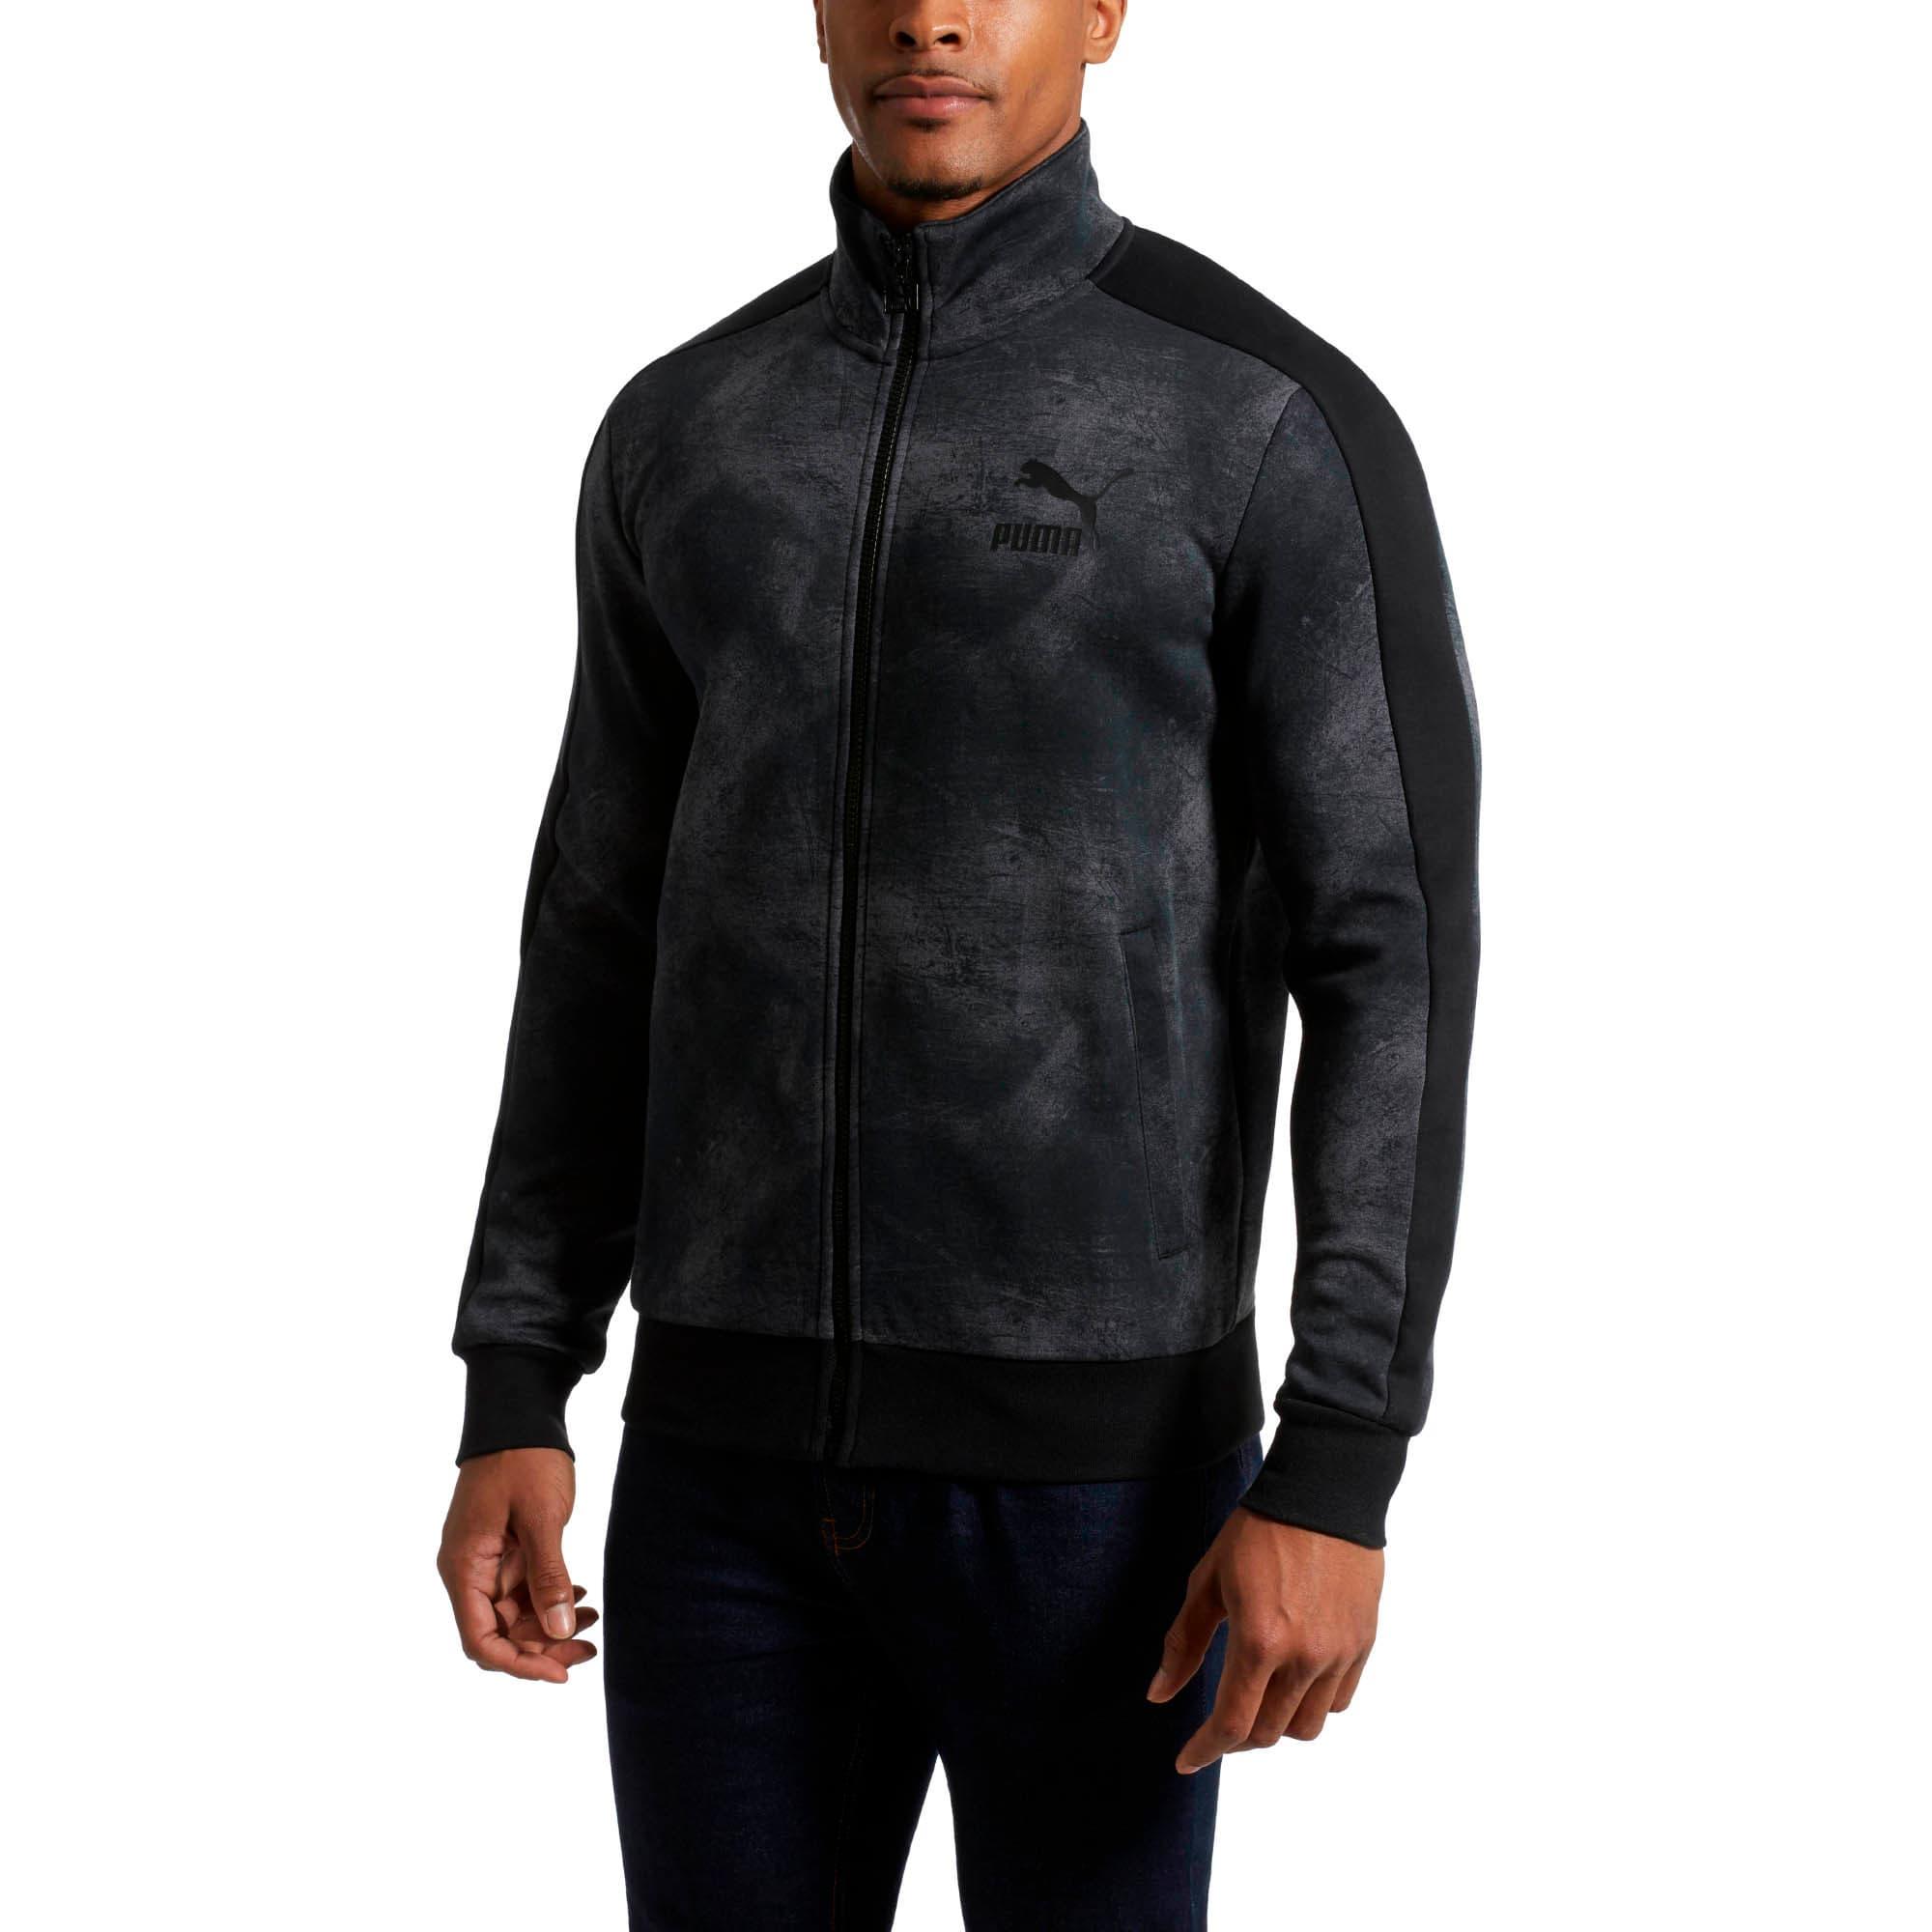 Thumbnail 2 of Classics All-Over Print T7 Men's Jacket, Puma Black-2, medium